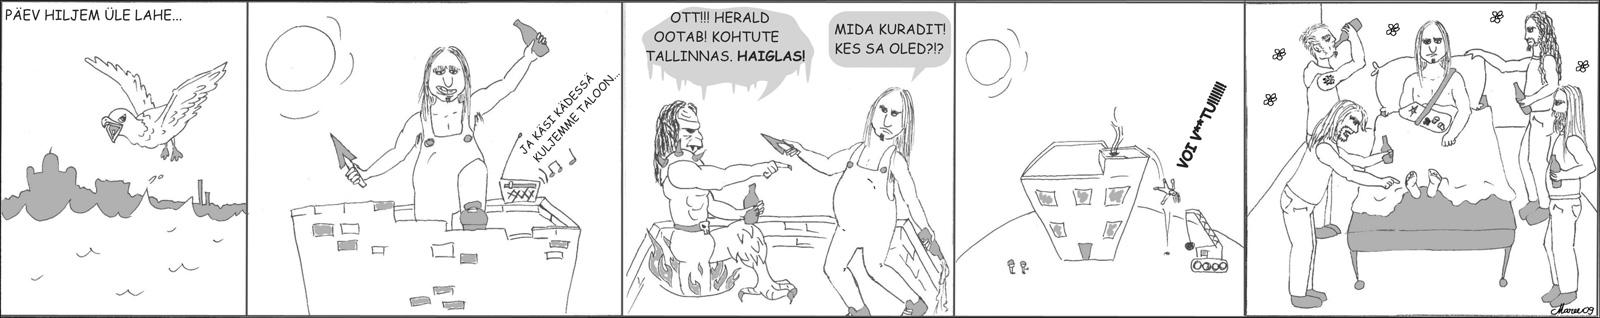 Heraldi koomiks nr 2